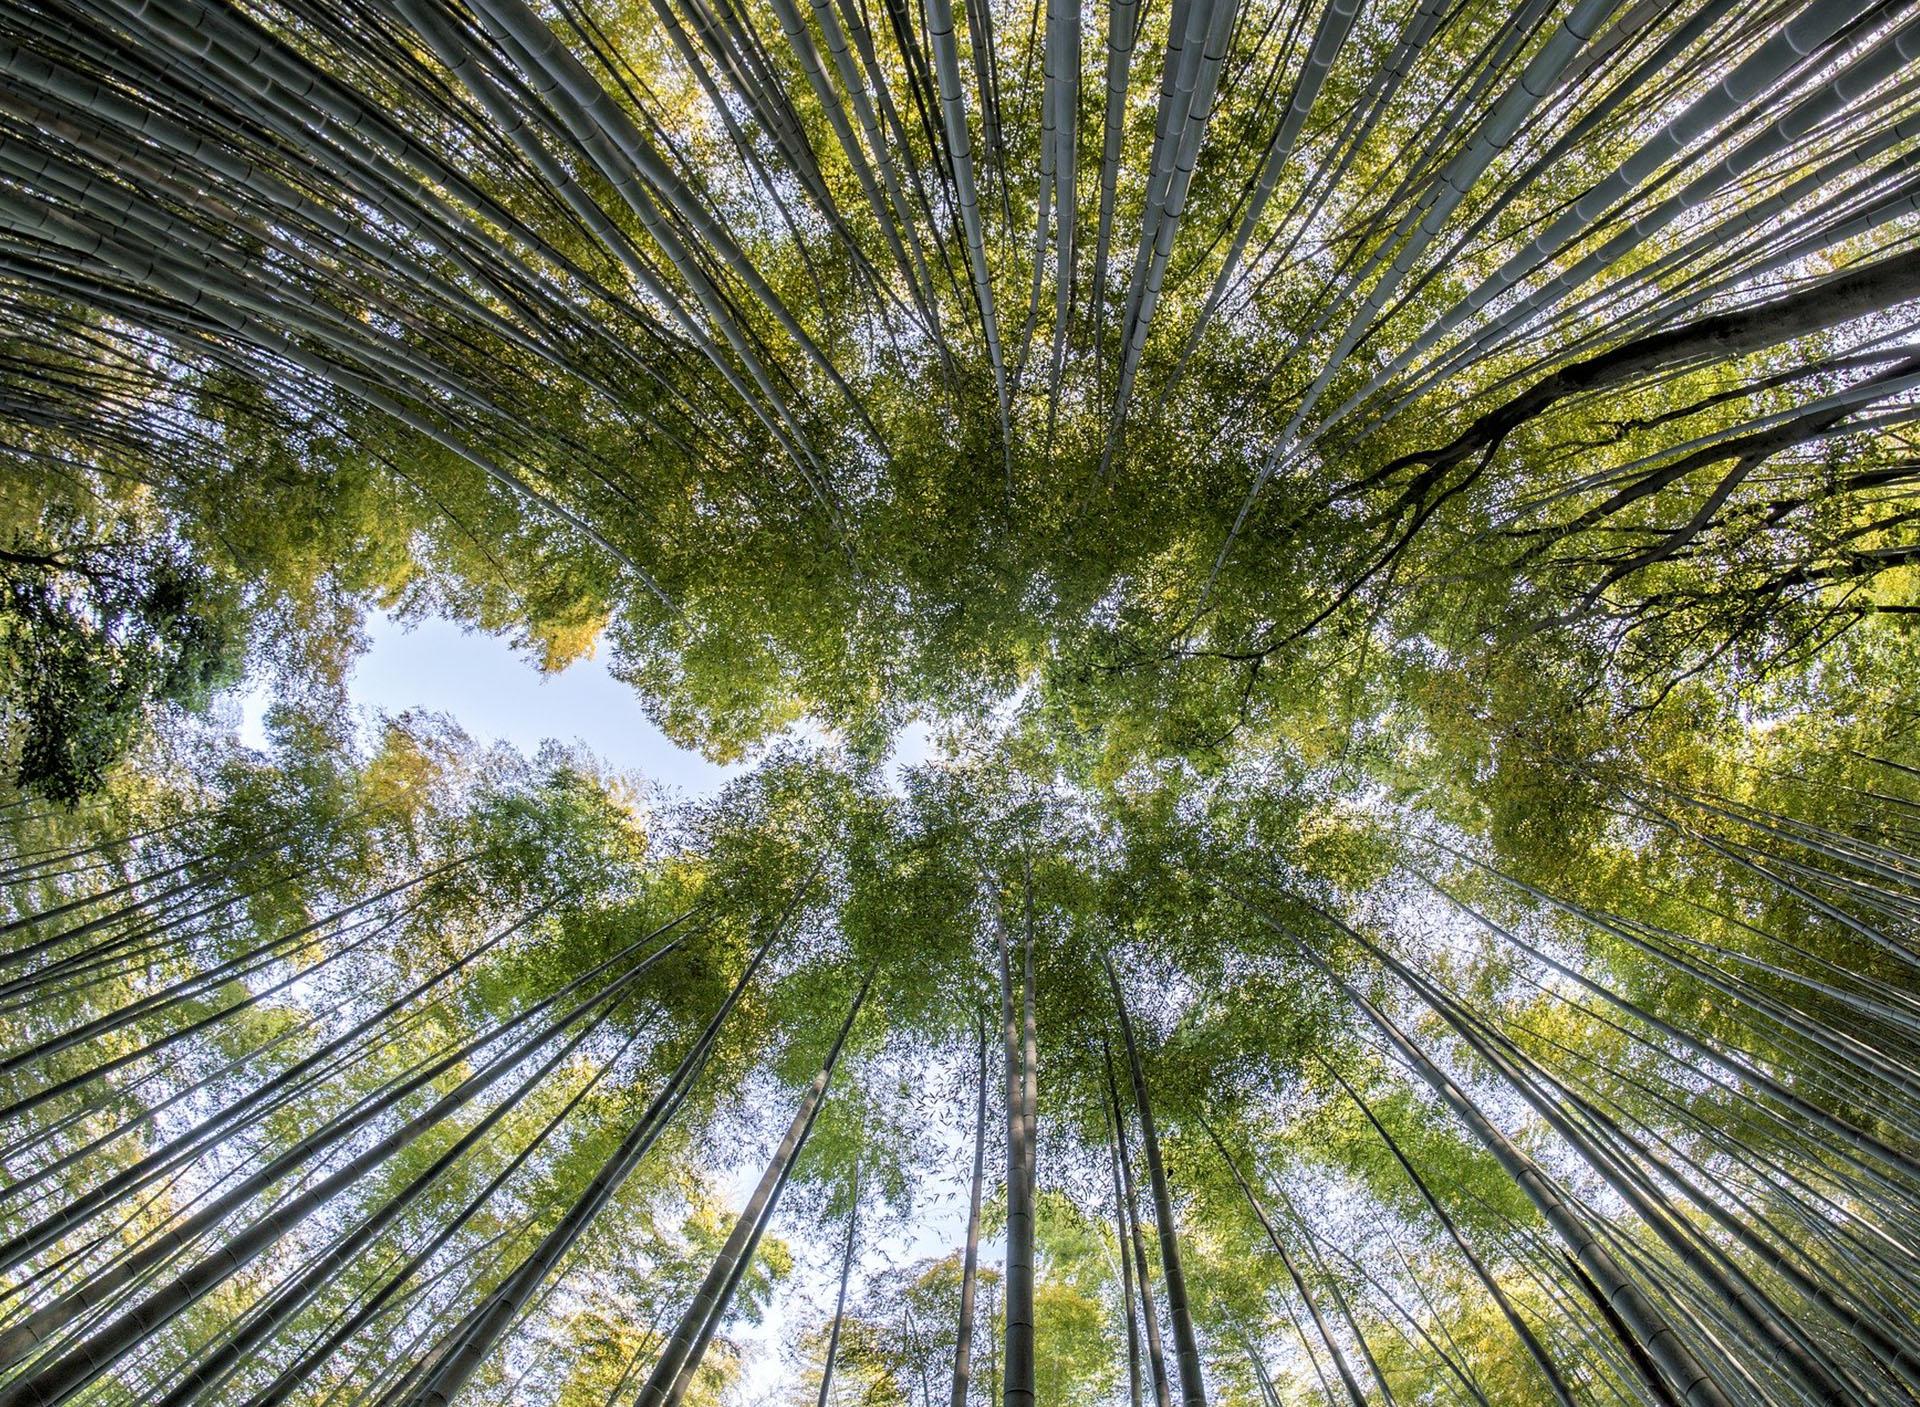 dimensionnement-assainissement-traitement-eaux-uses-procede-bambou-bamboo-for-life